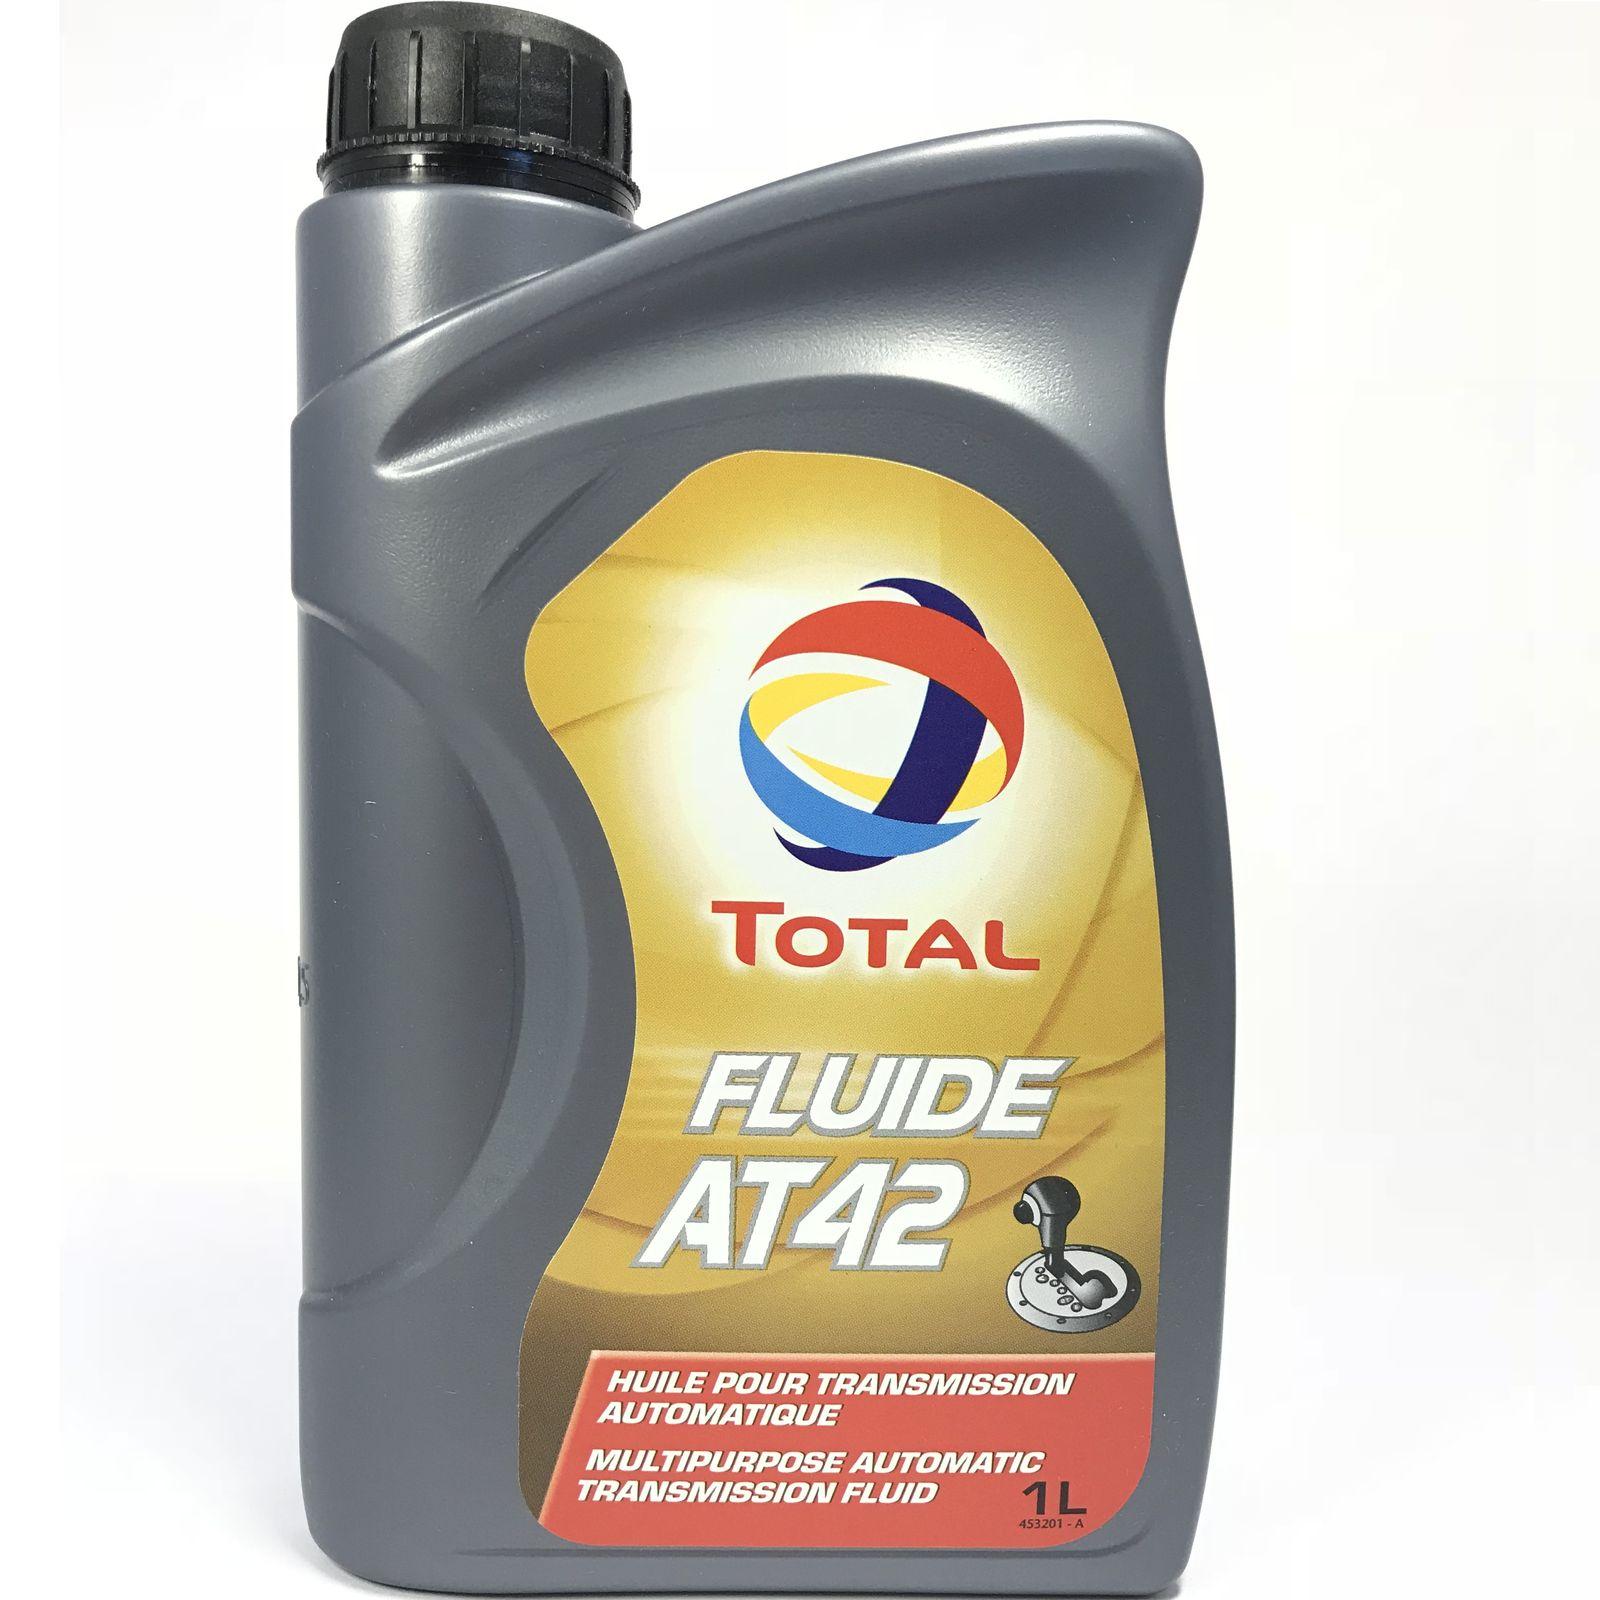 1 Liter Total FLUIDE AT 42